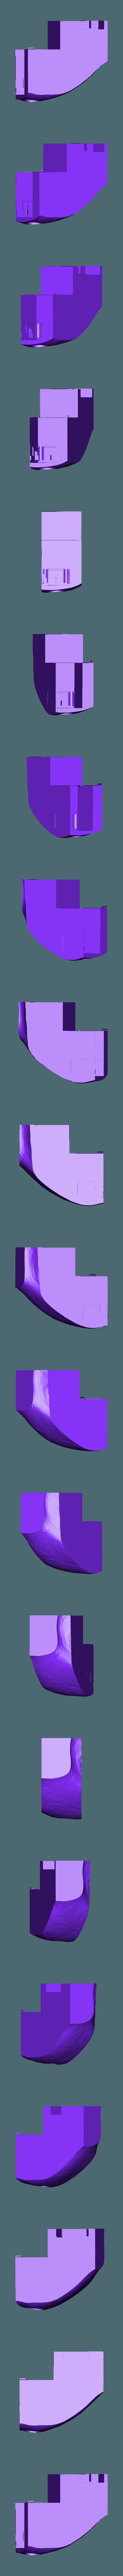 GADGETS torso pt5 .stl Download free STL file GADGET the robotic Gremlin • 3D printing object, atarka3